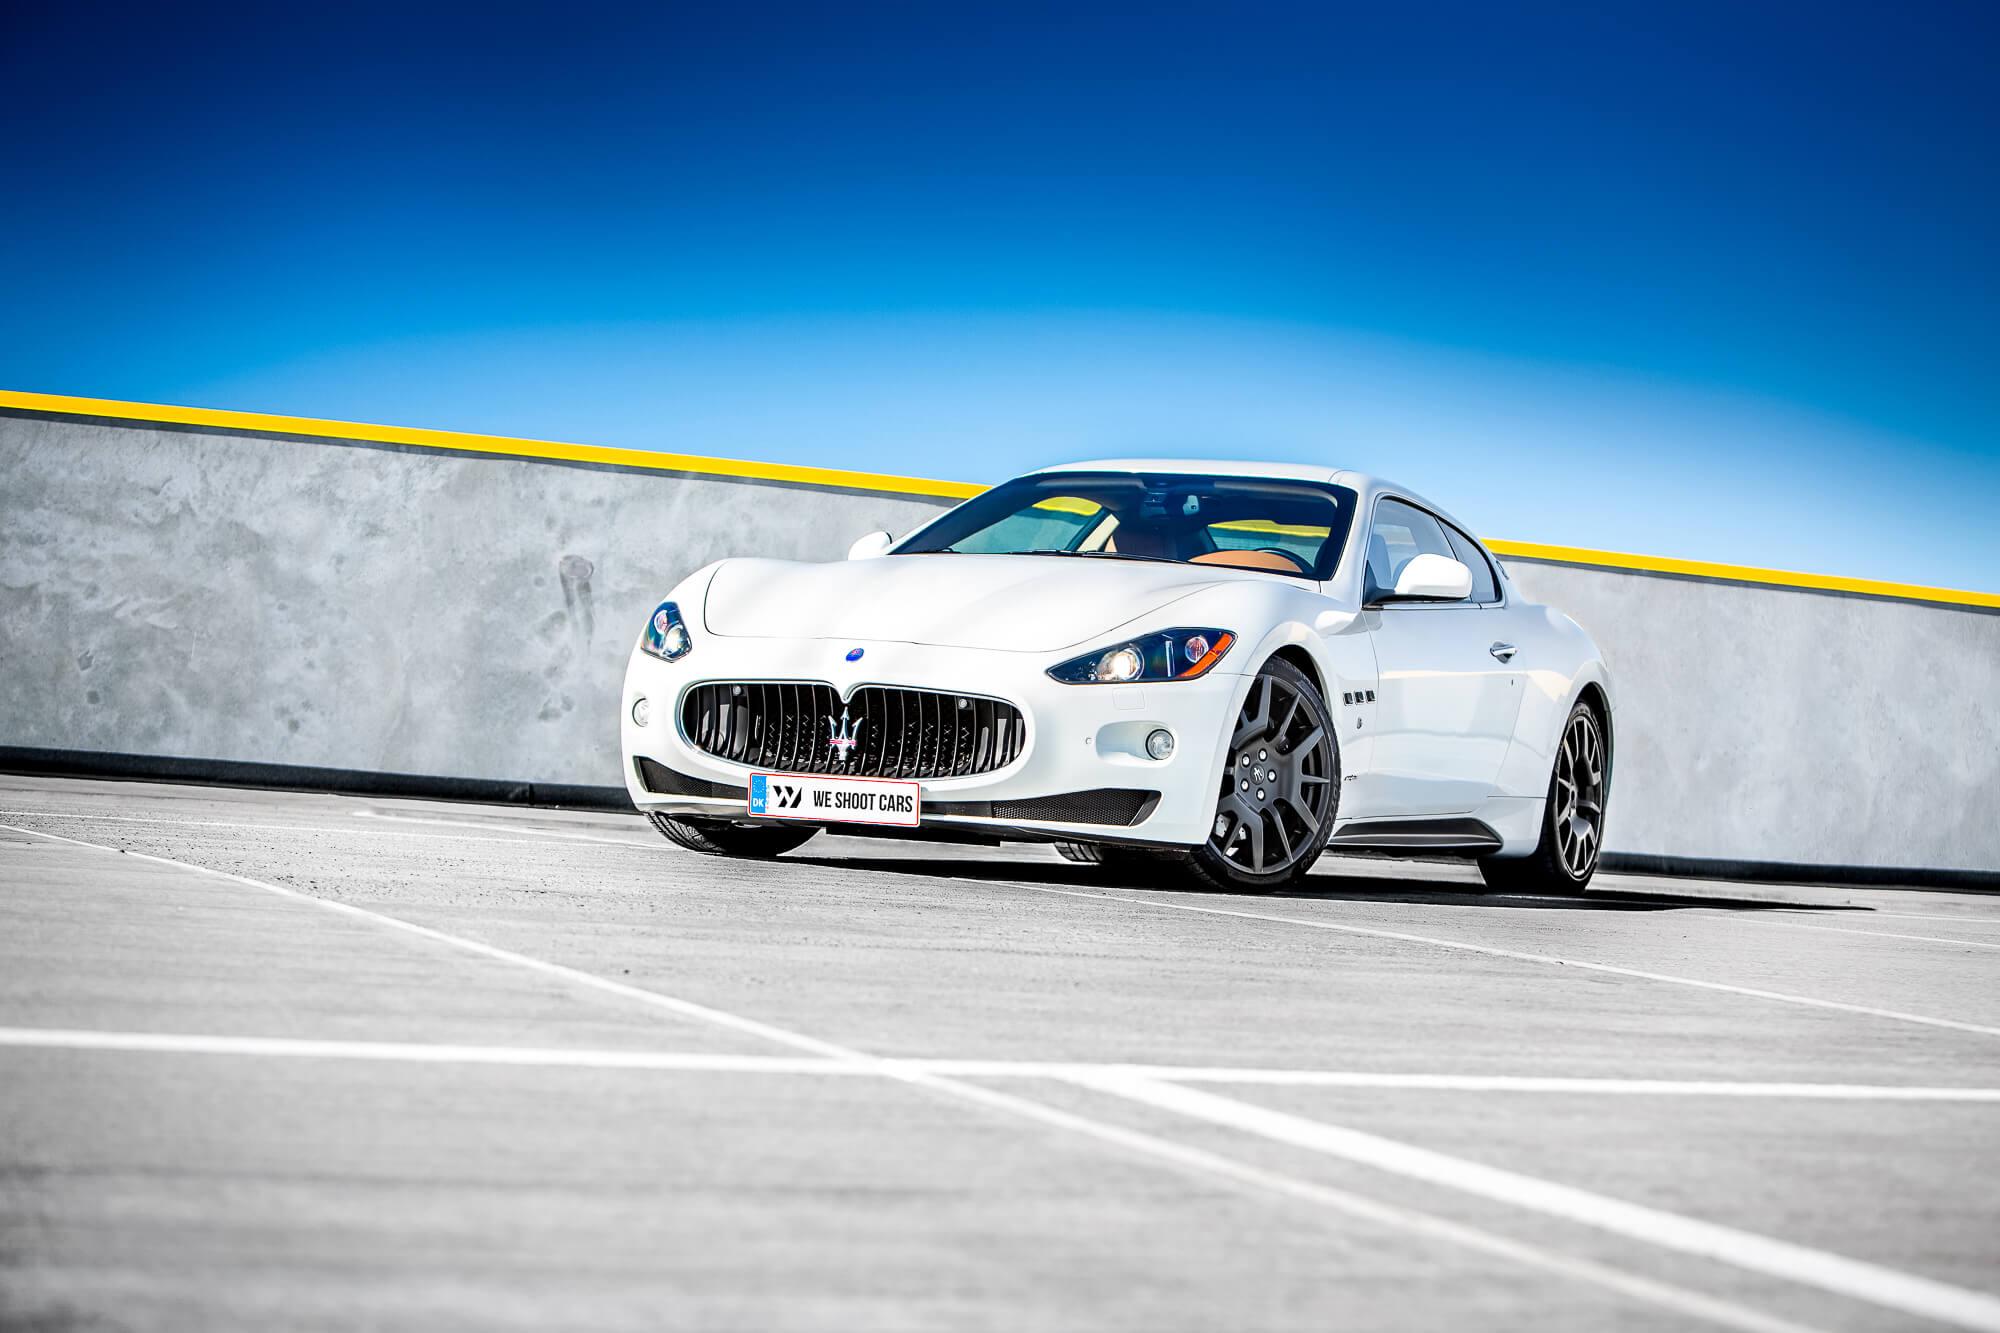 White Maserati GranTurismo S front